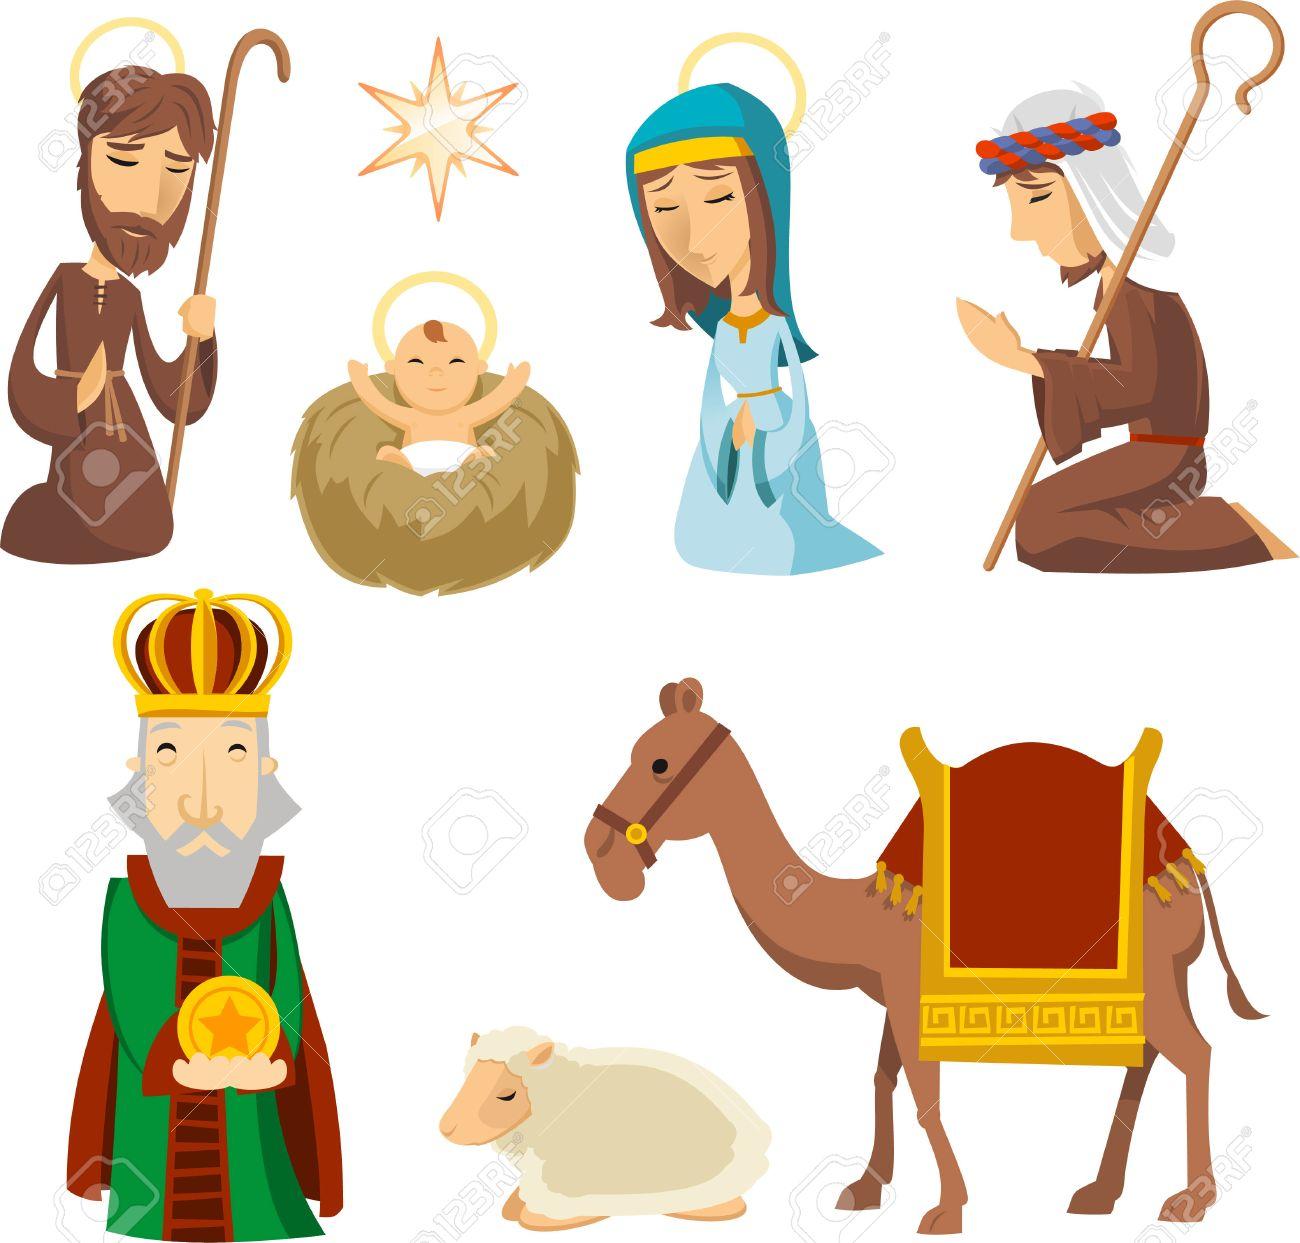 4336 Nativity free clipart.